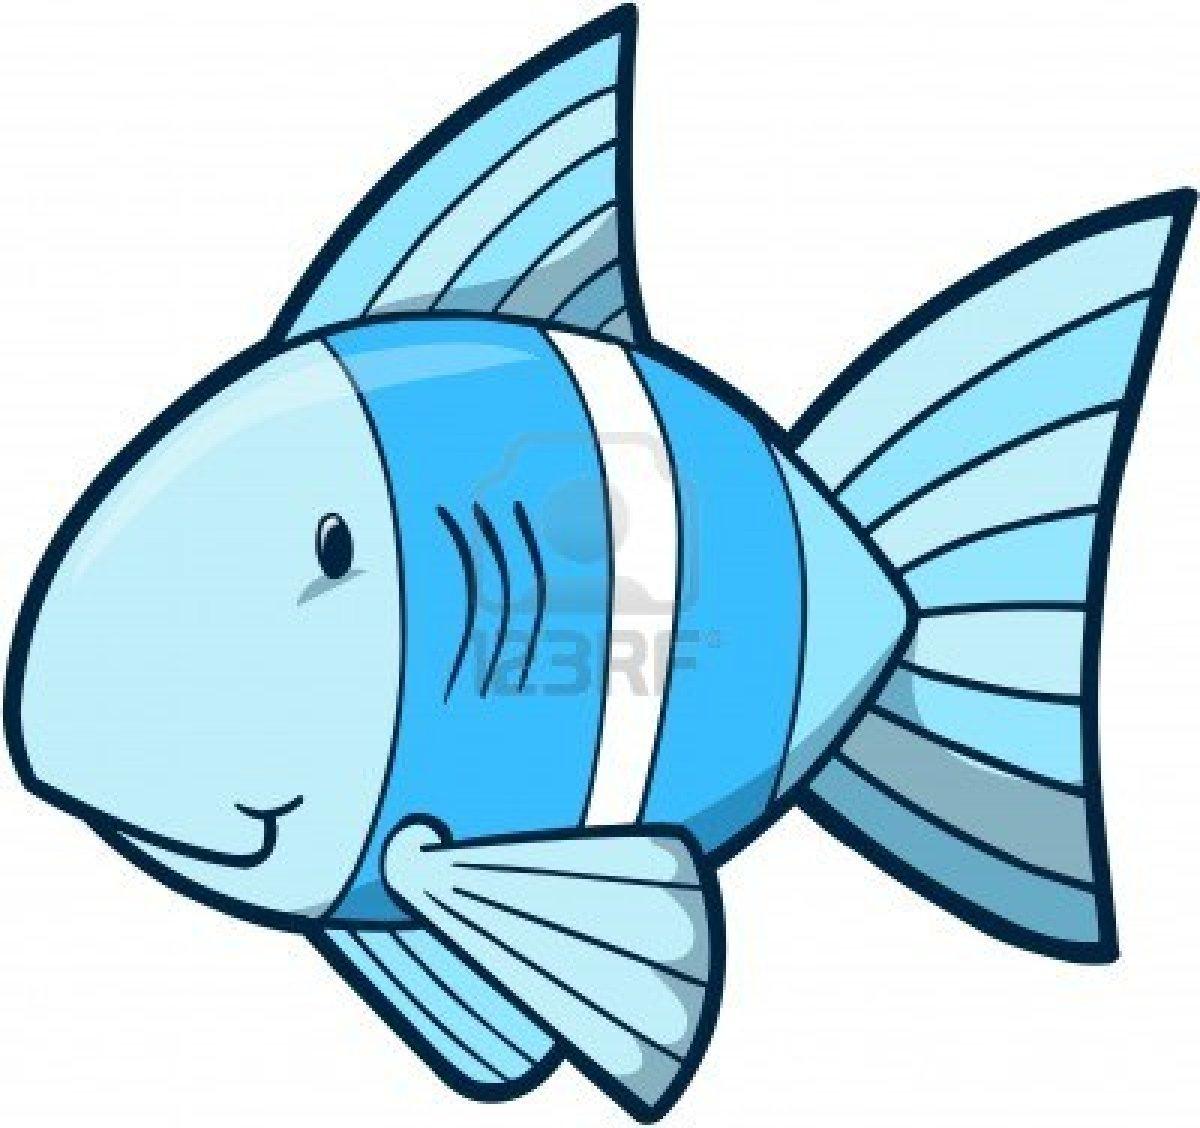 Dessins en couleurs imprimer poisson num ro 117347 - Poisson dessin couleur ...